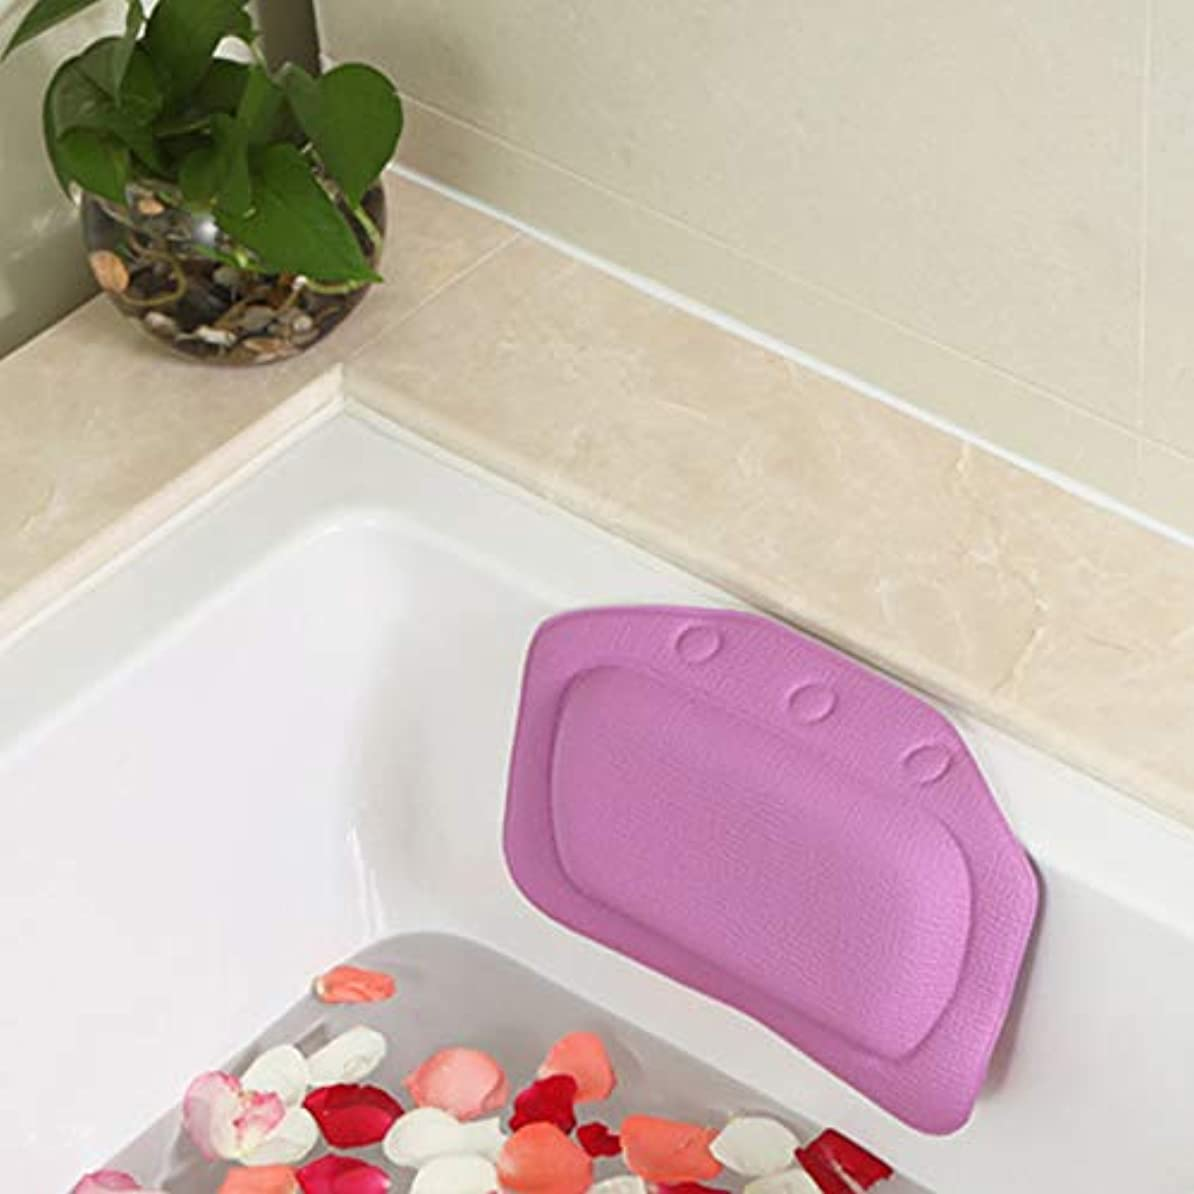 違反する公平な理論的柔らかいpvc発泡スポンジ風呂枕防水ヘッドレストクッション付き浴室シャワー浴槽リラックスアクセサリー,Purple